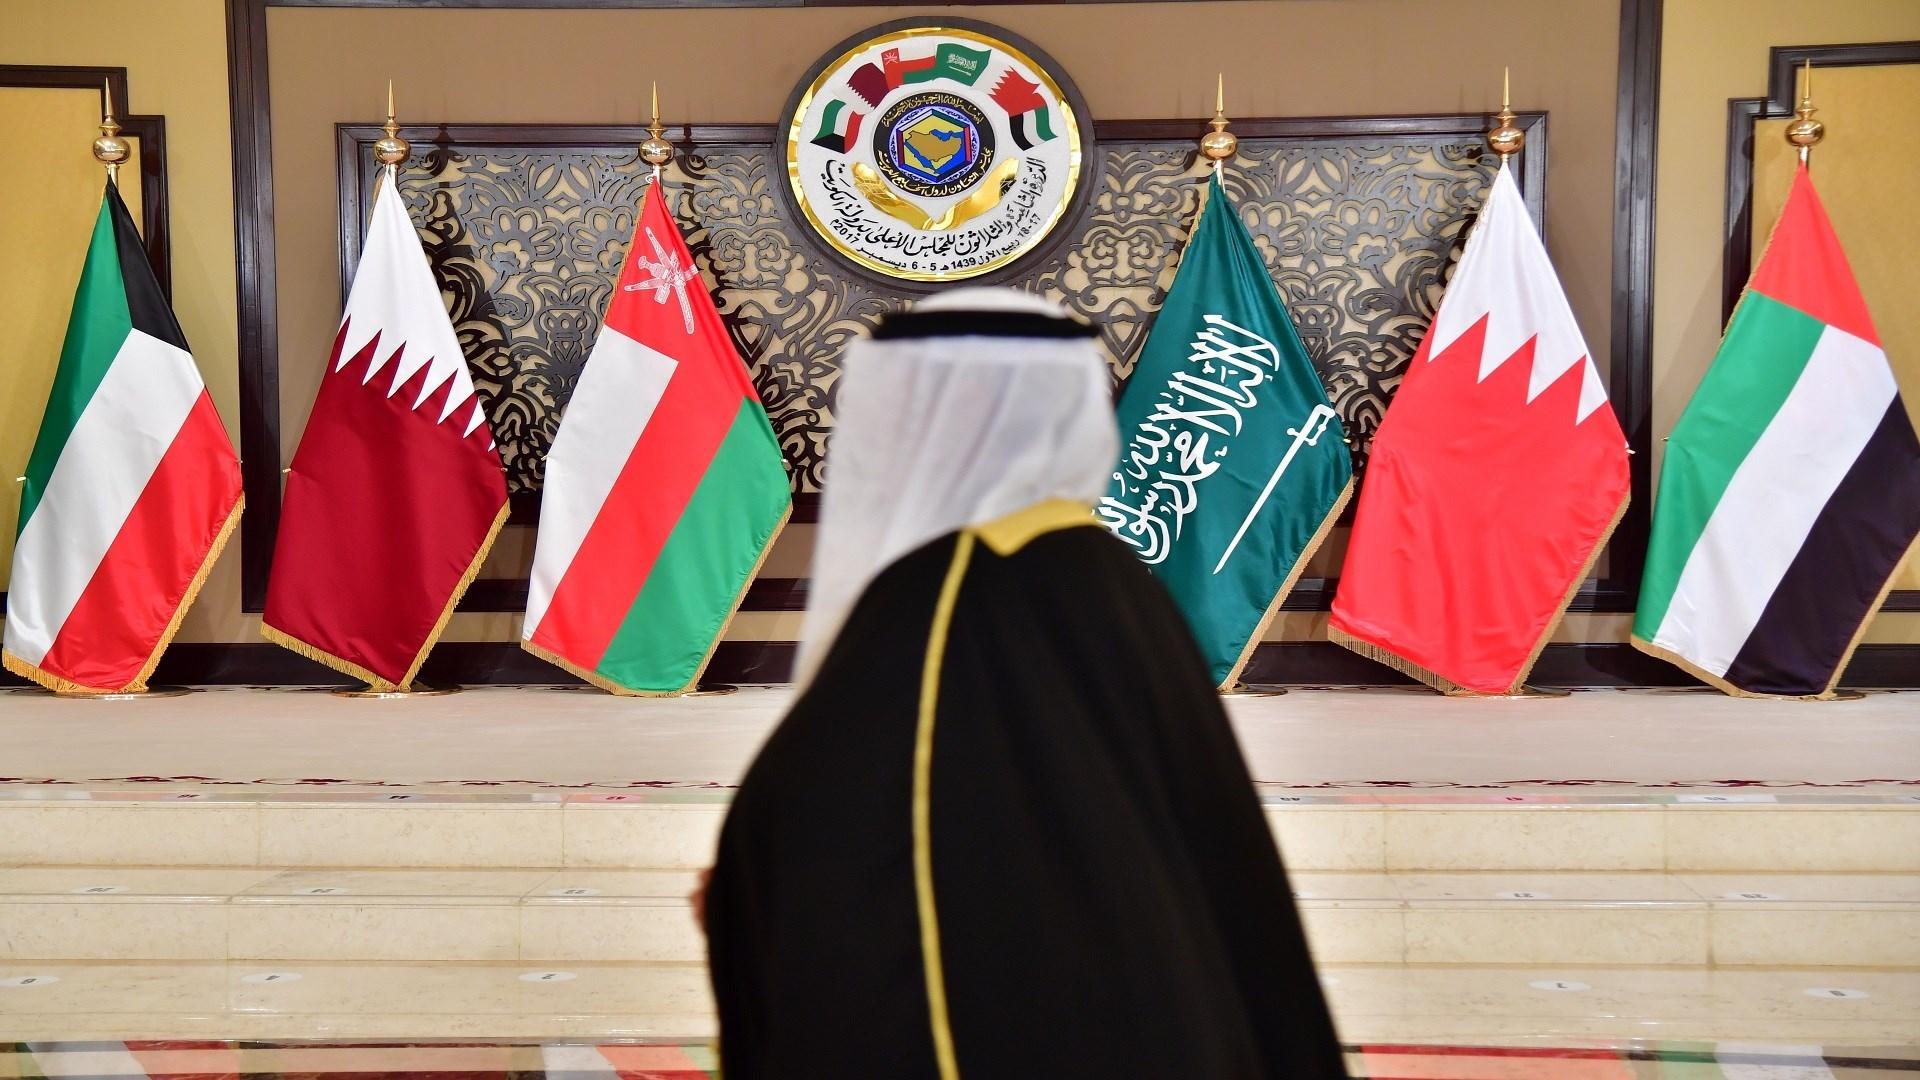 صورة المصالحة التي تجلّت باستبعاد الإمارات من المشهد كان لها تداعياتها